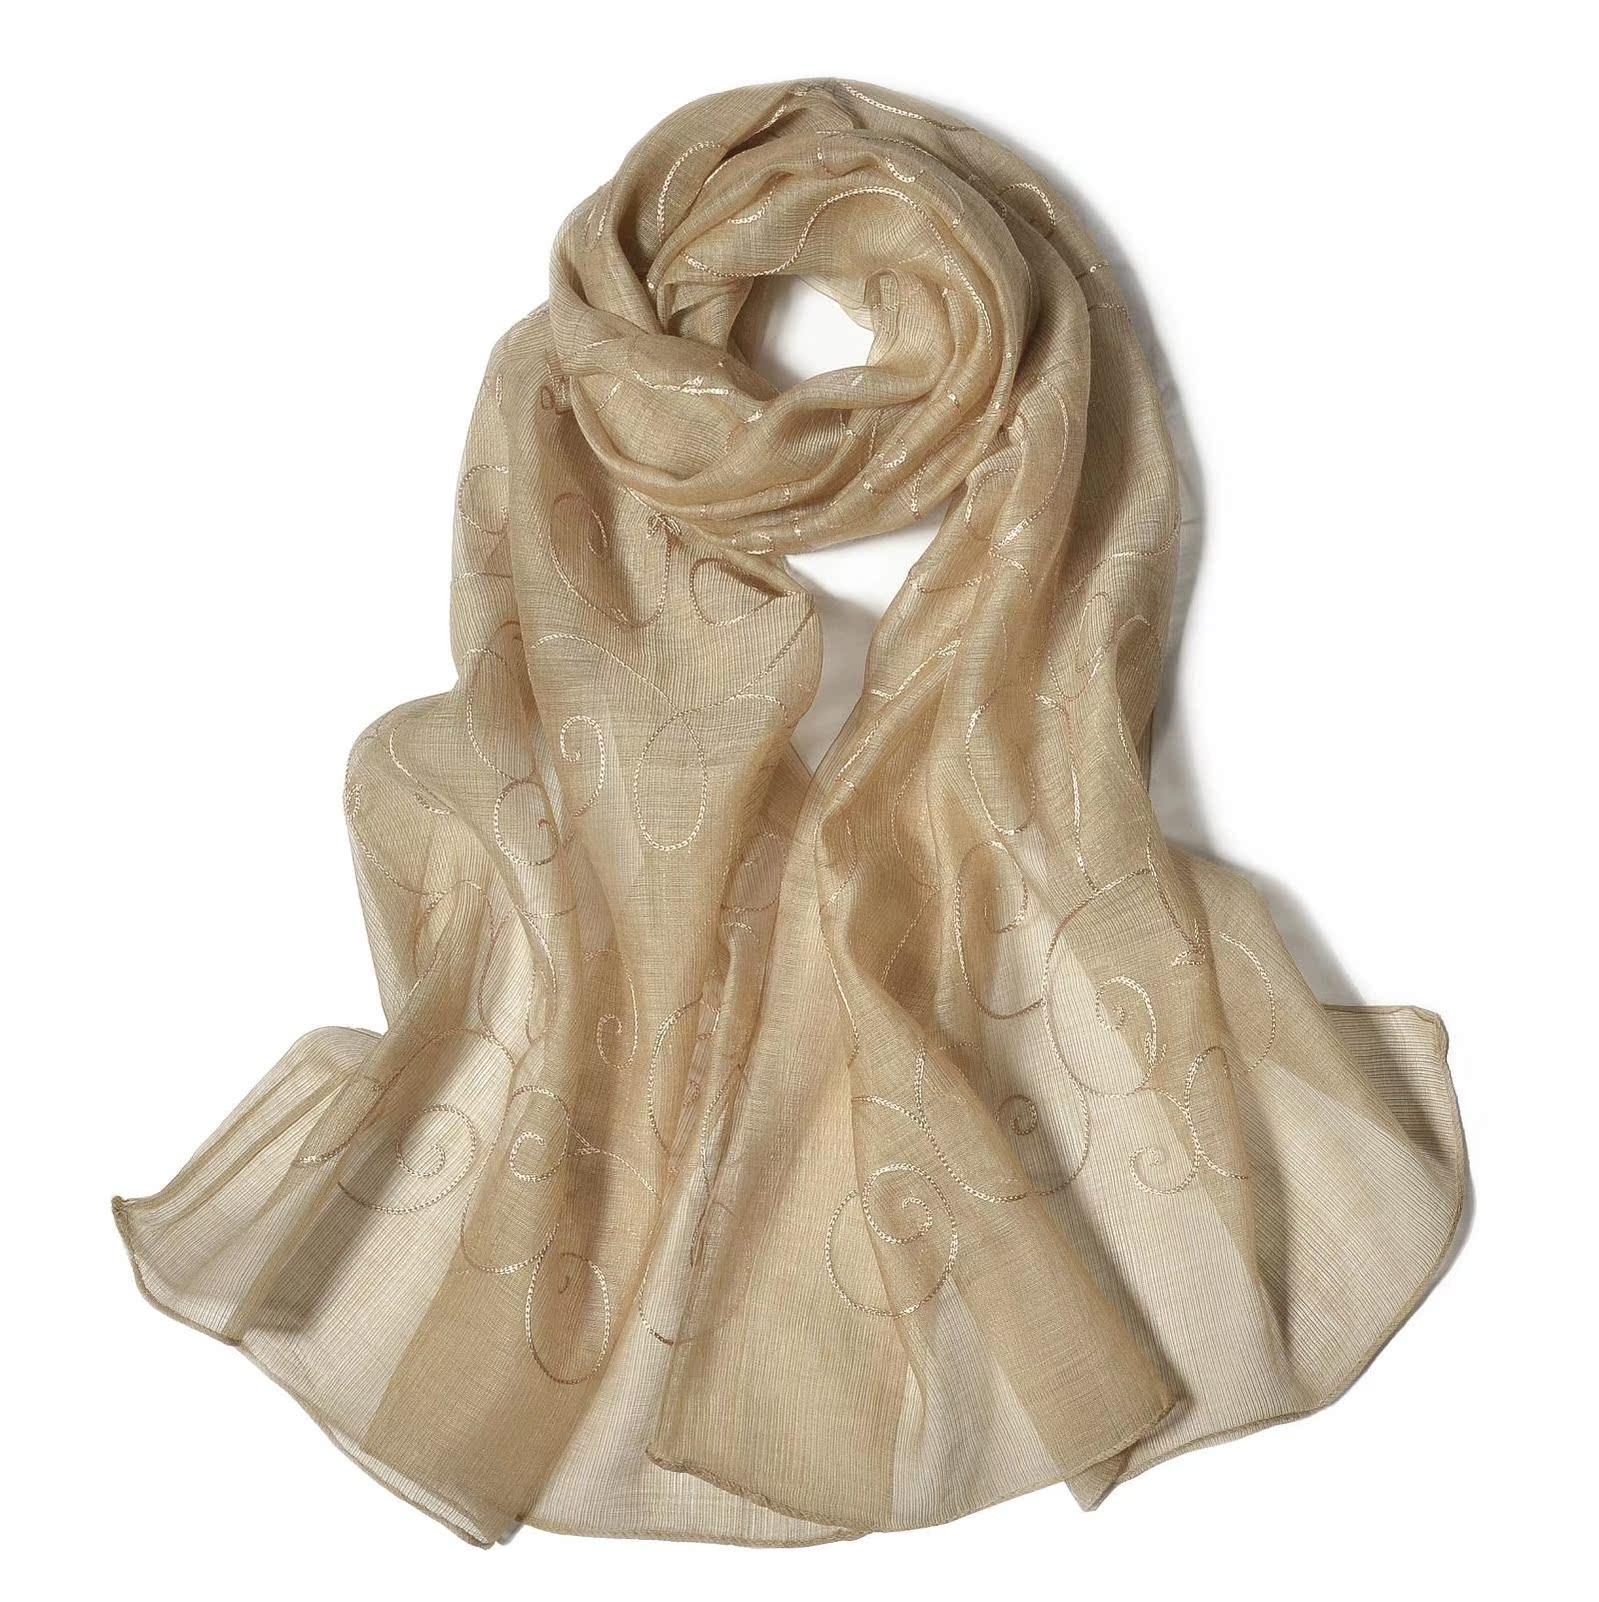 2015年新款超长加厚羊绒围巾男女士春秋冬季纯色披肩无穗百搭包邮